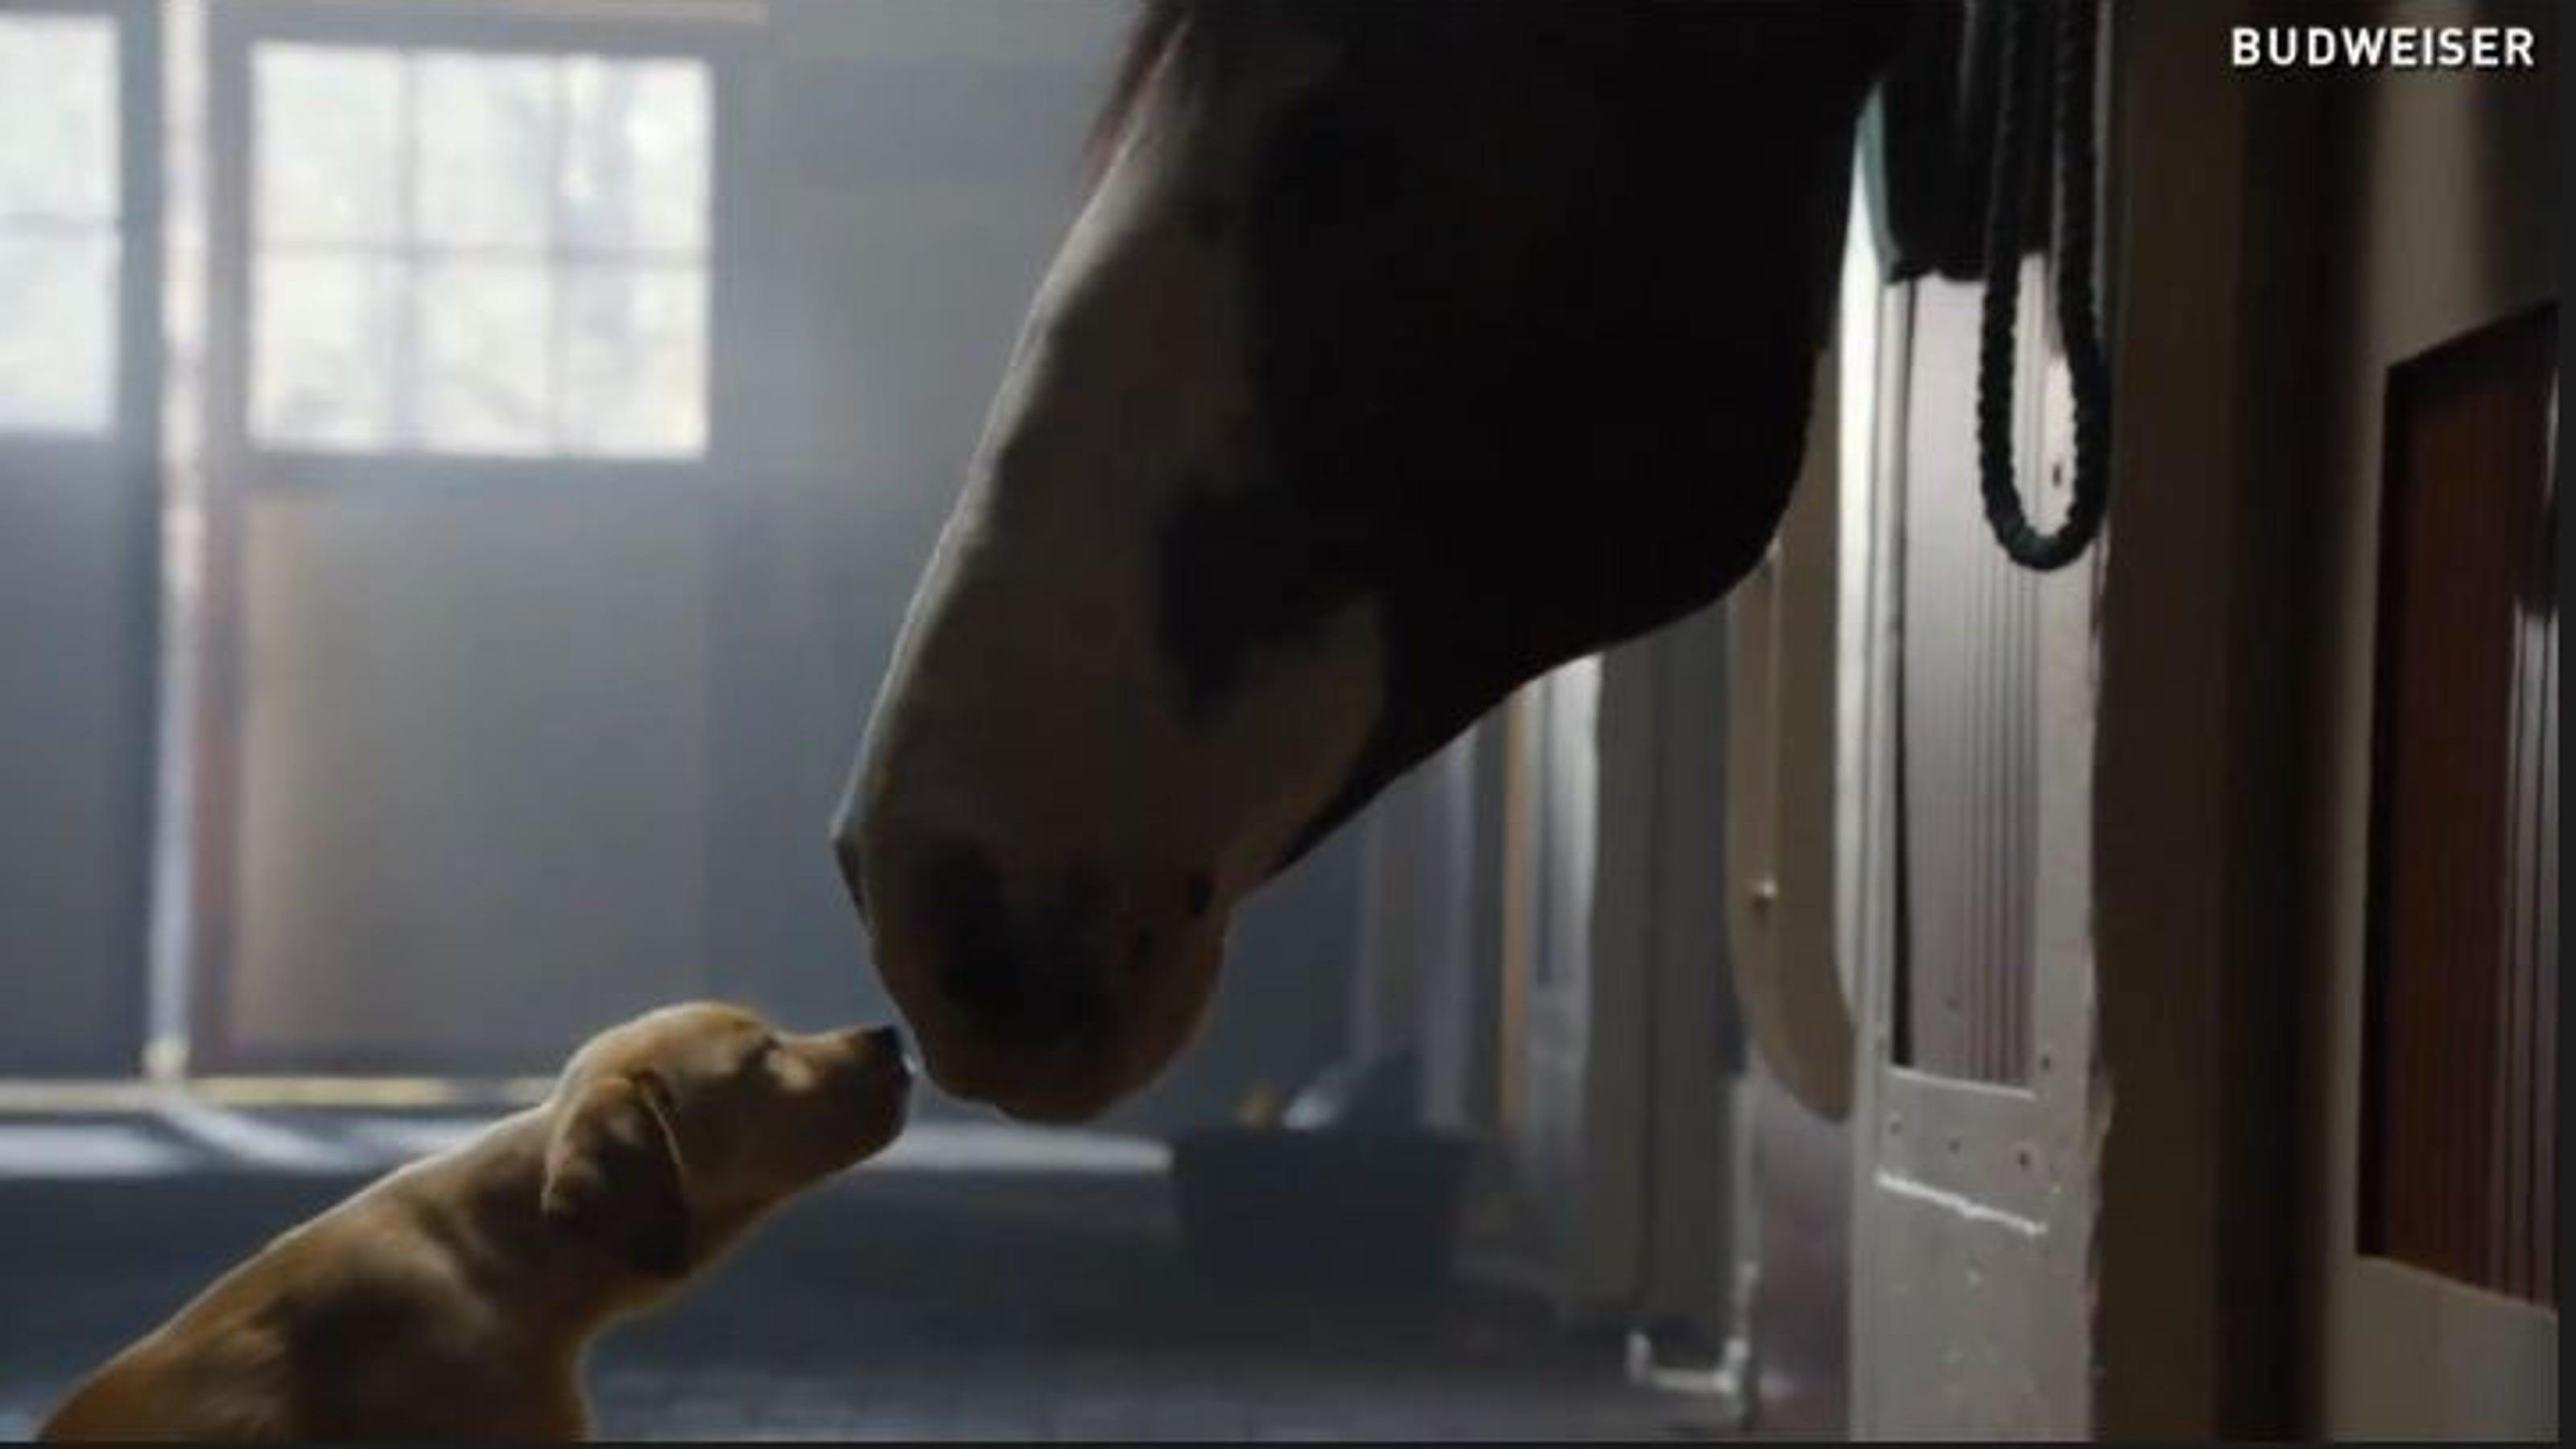 """Budweiser, """"Puppy Love"""""""